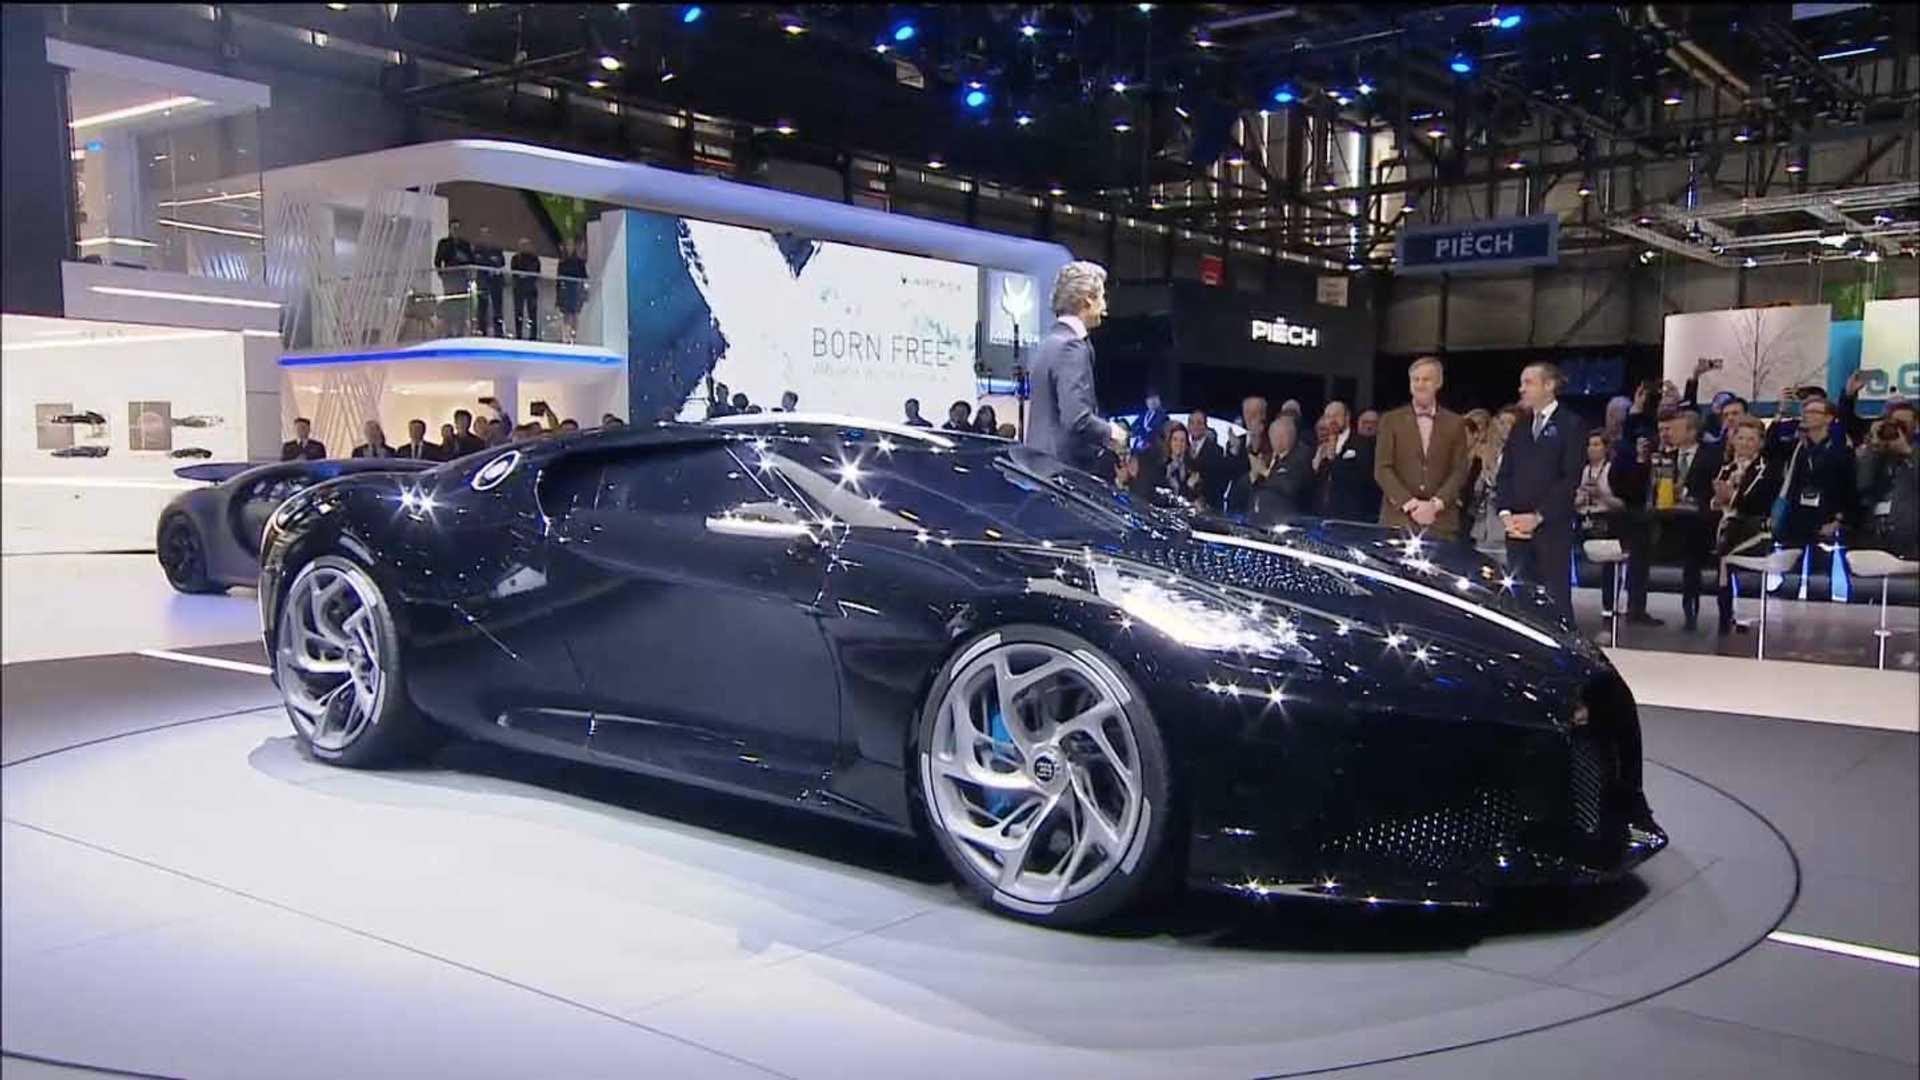 Bugatti сделала La Voiture Noire — самый дорогой автомобиль в мире 2